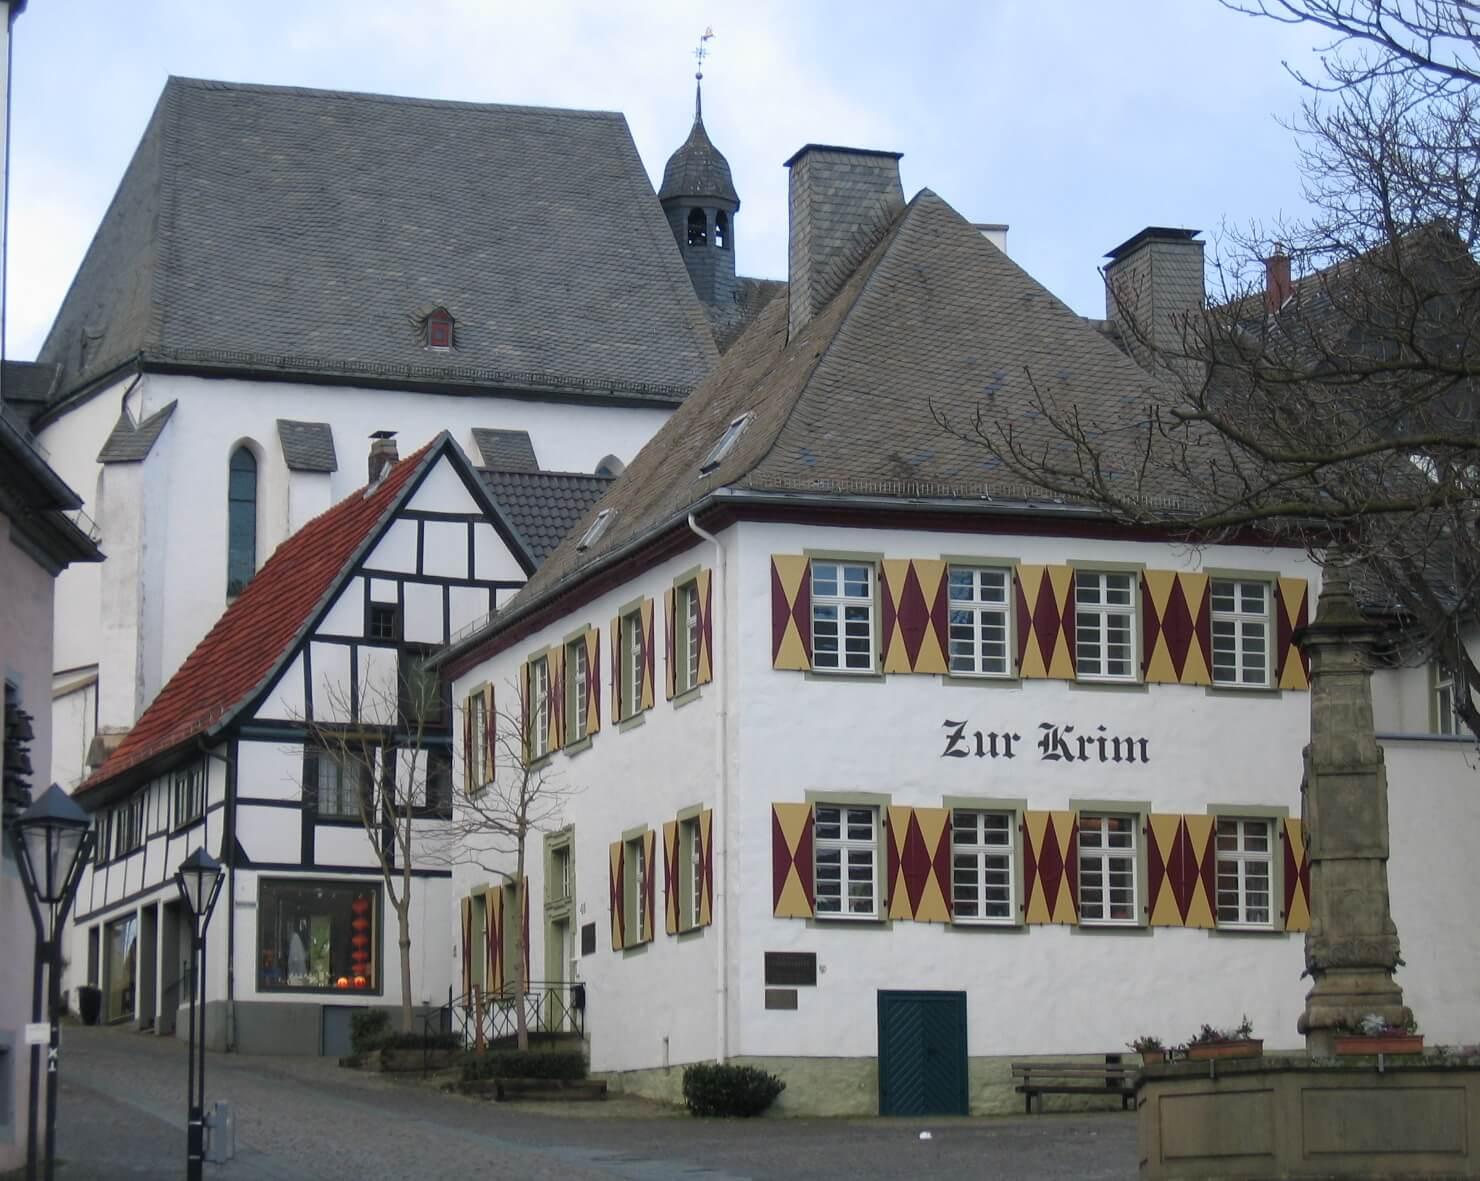 putzfrau in arnsberg finden putzchecker. Black Bedroom Furniture Sets. Home Design Ideas